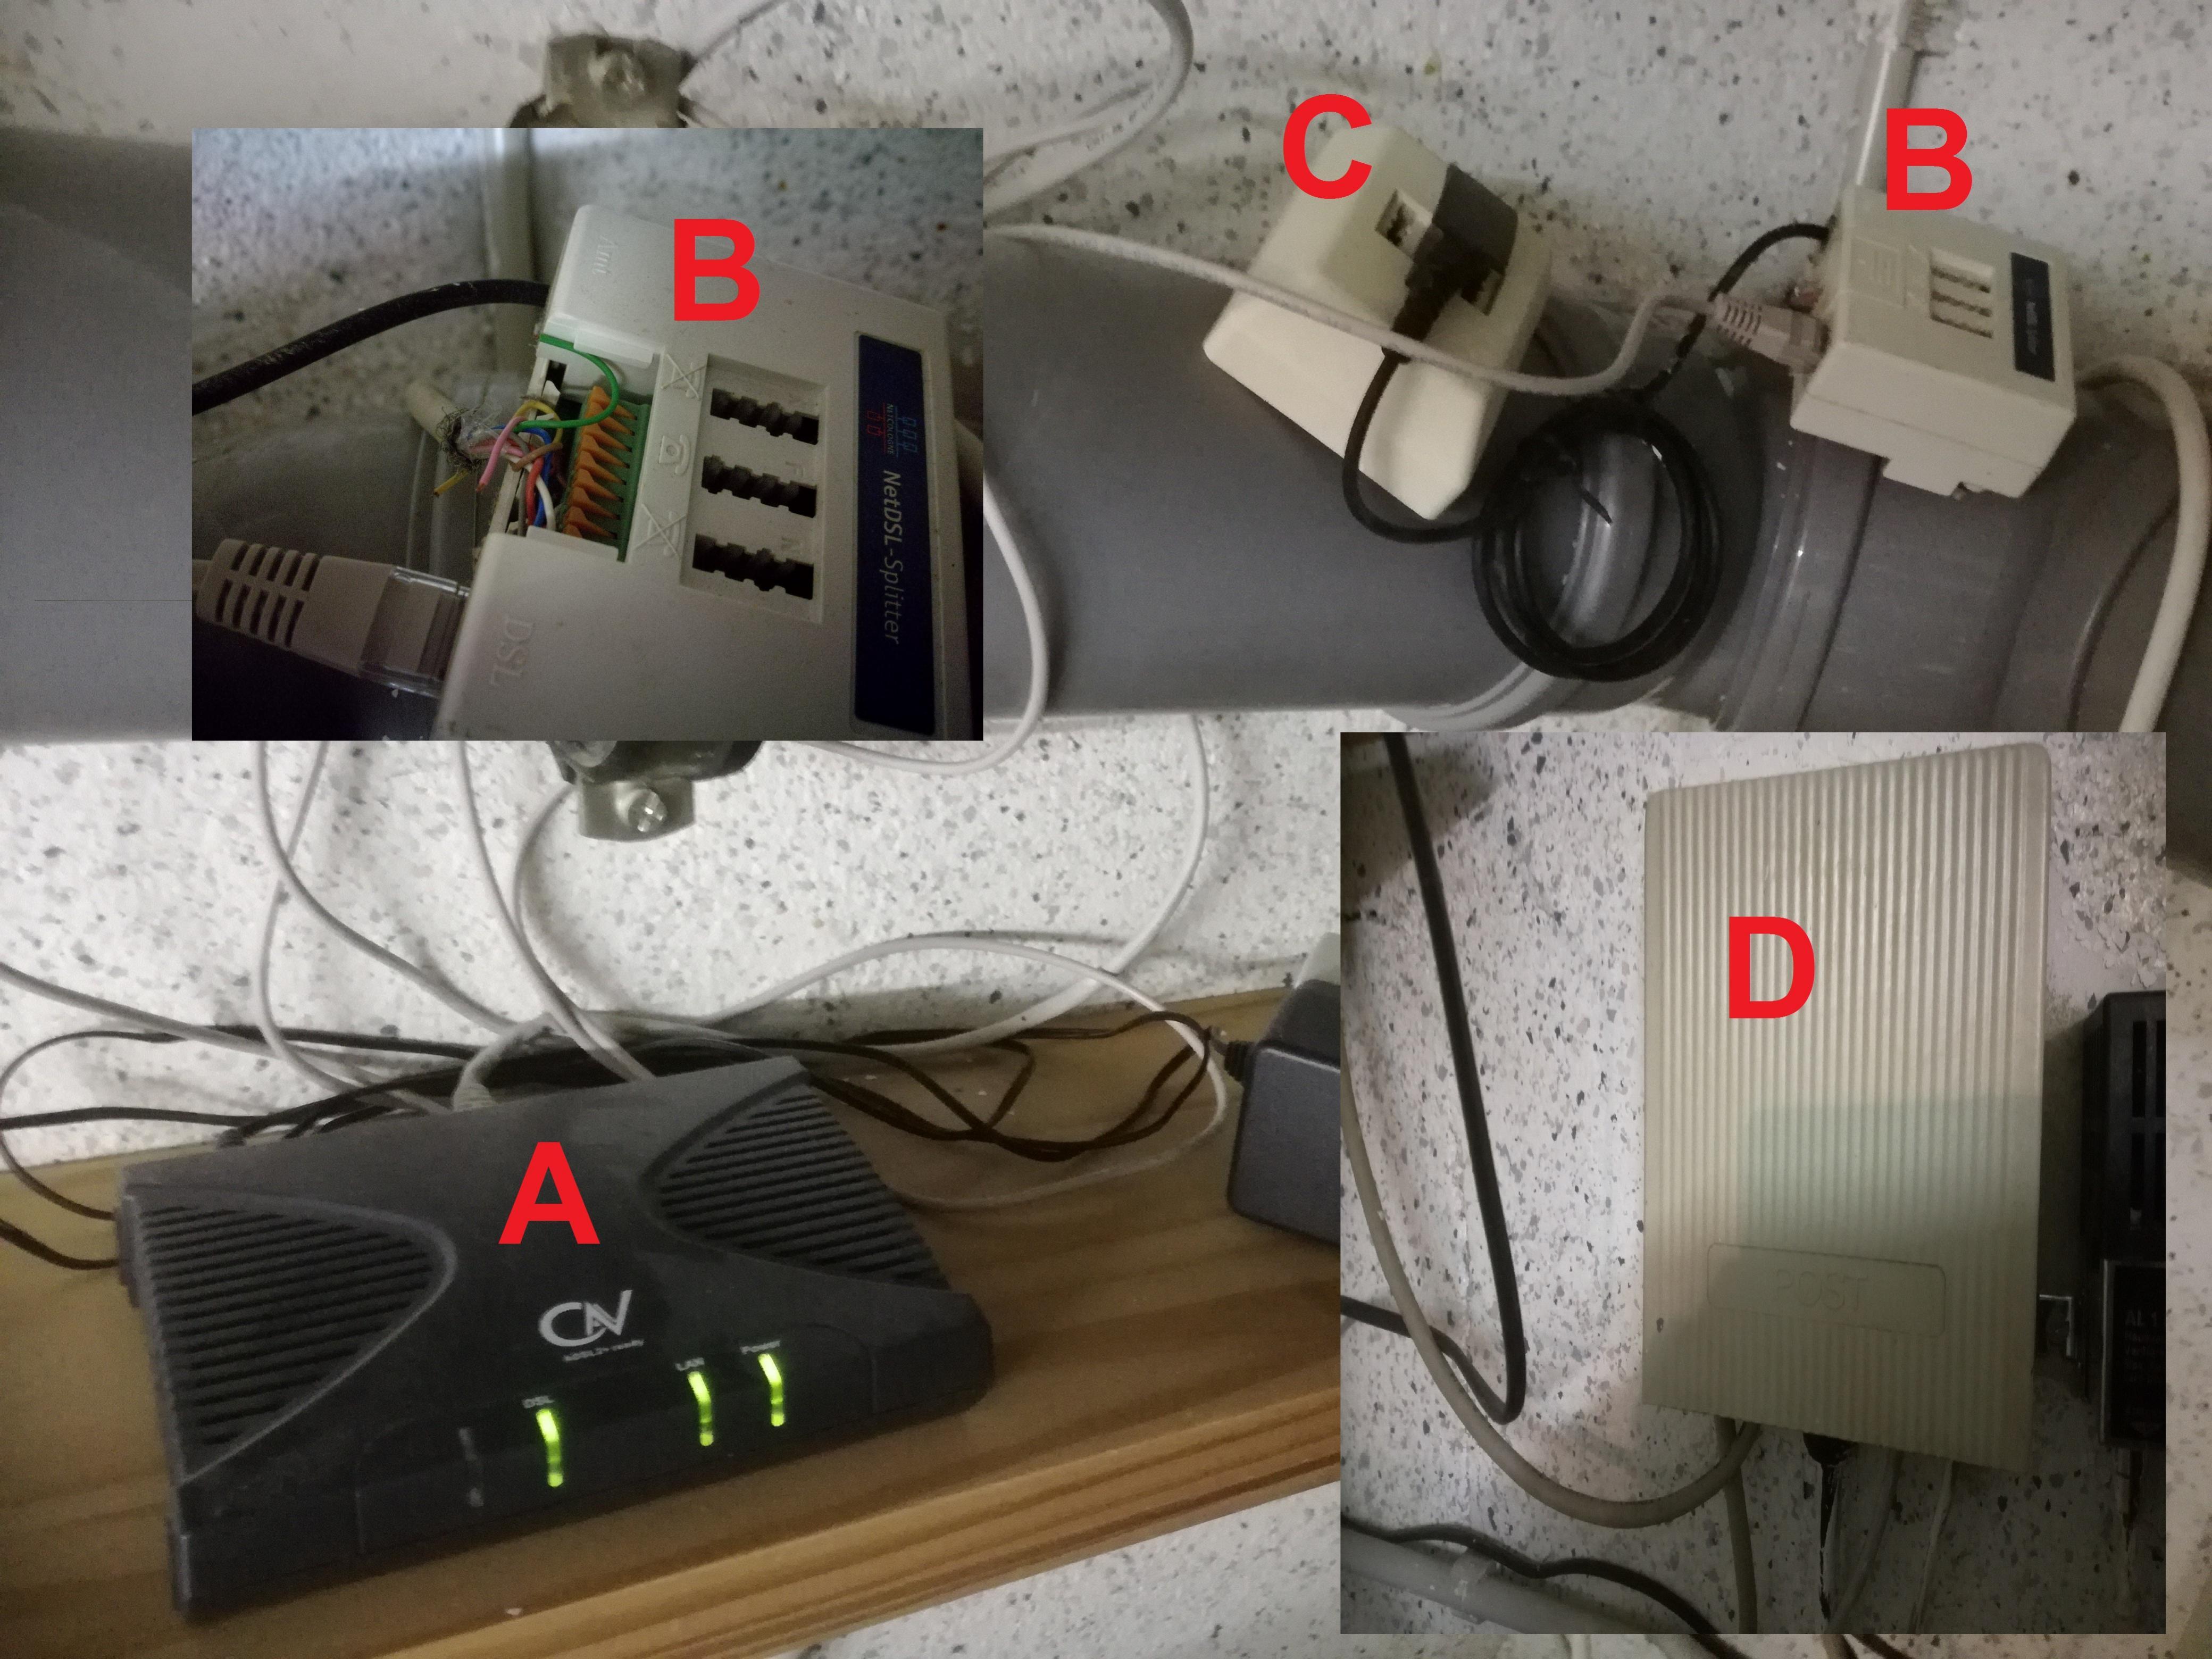 Umstellung auf VDSL, Anschluss der Fritzbox, Verkabelung ...